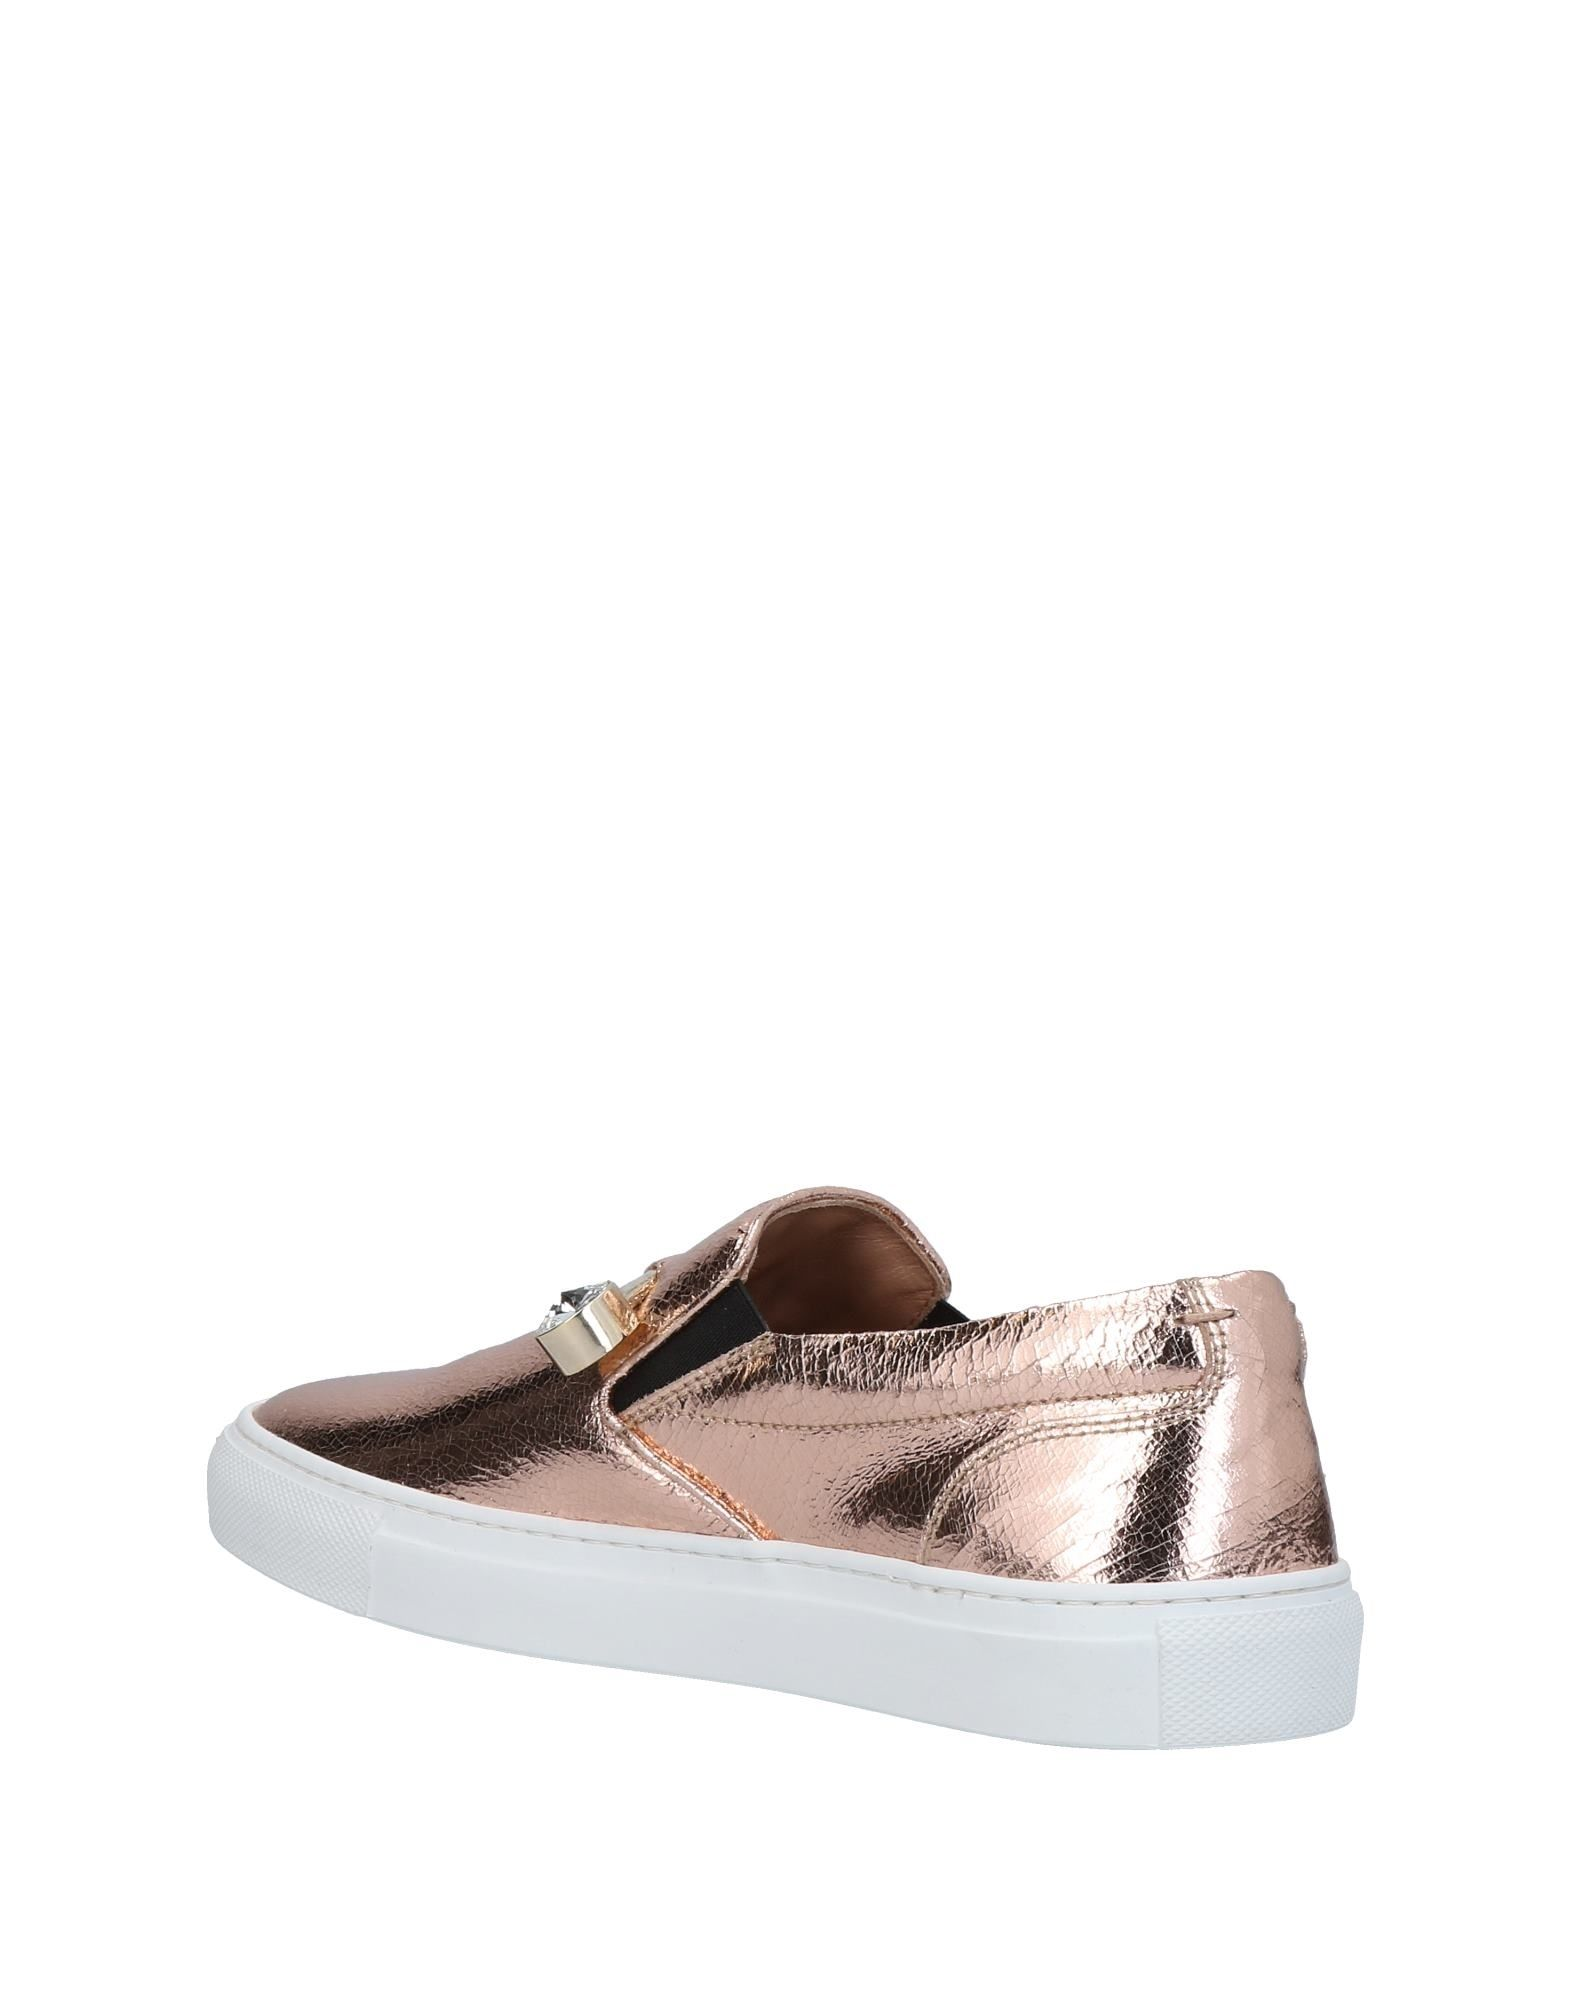 Sneakers Coliac Femme - Sneakers Coliac sur